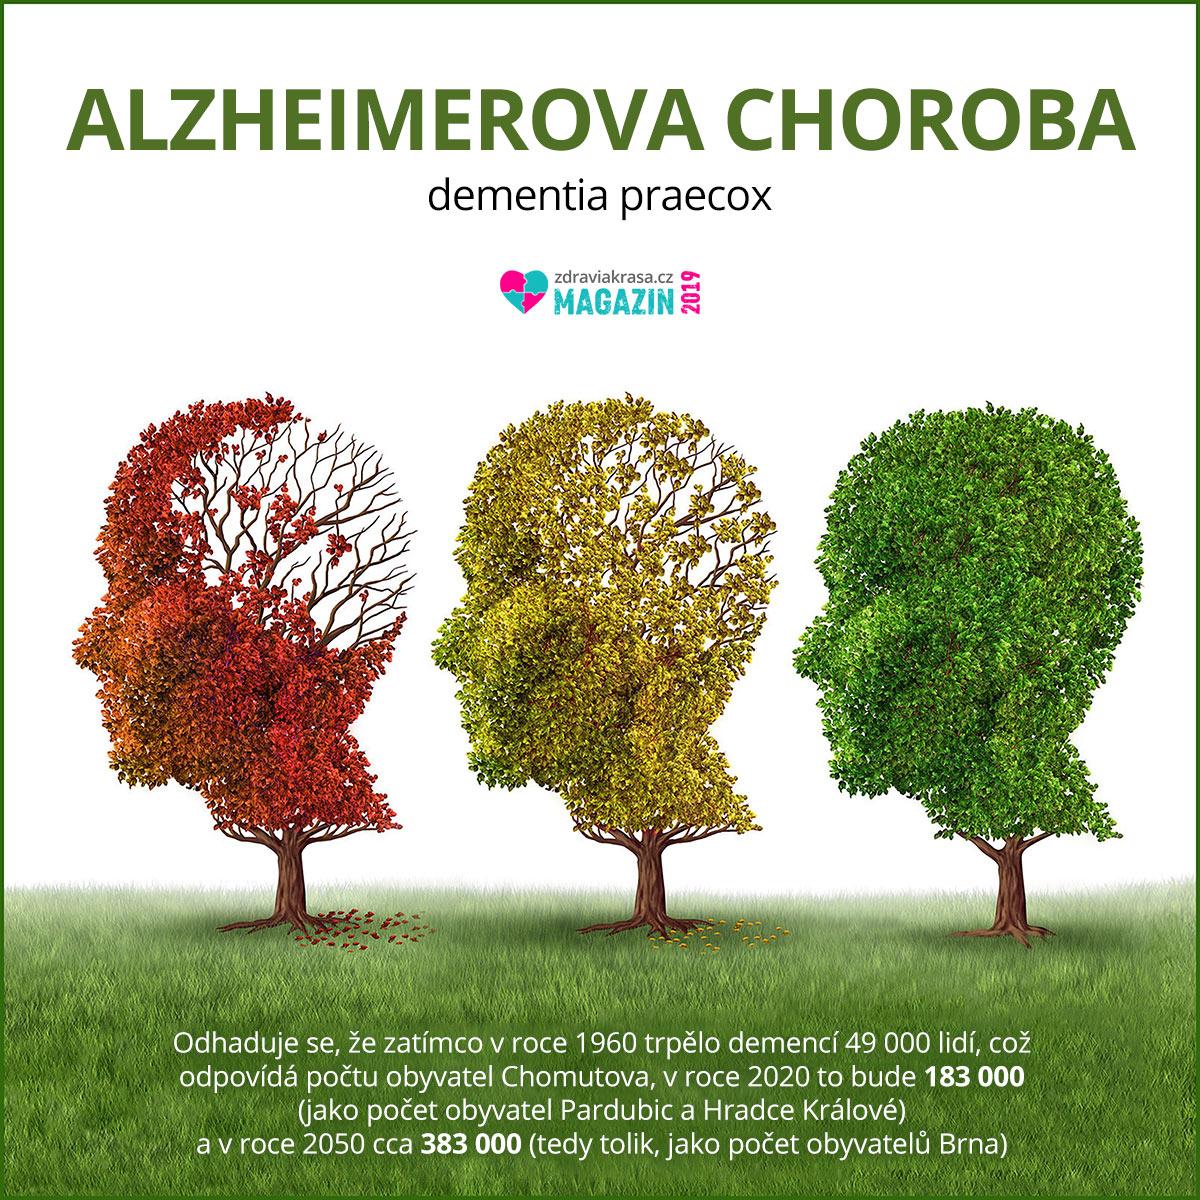 Alzheimerova choroba je na vzestupu. Odhady jsou alarmující.